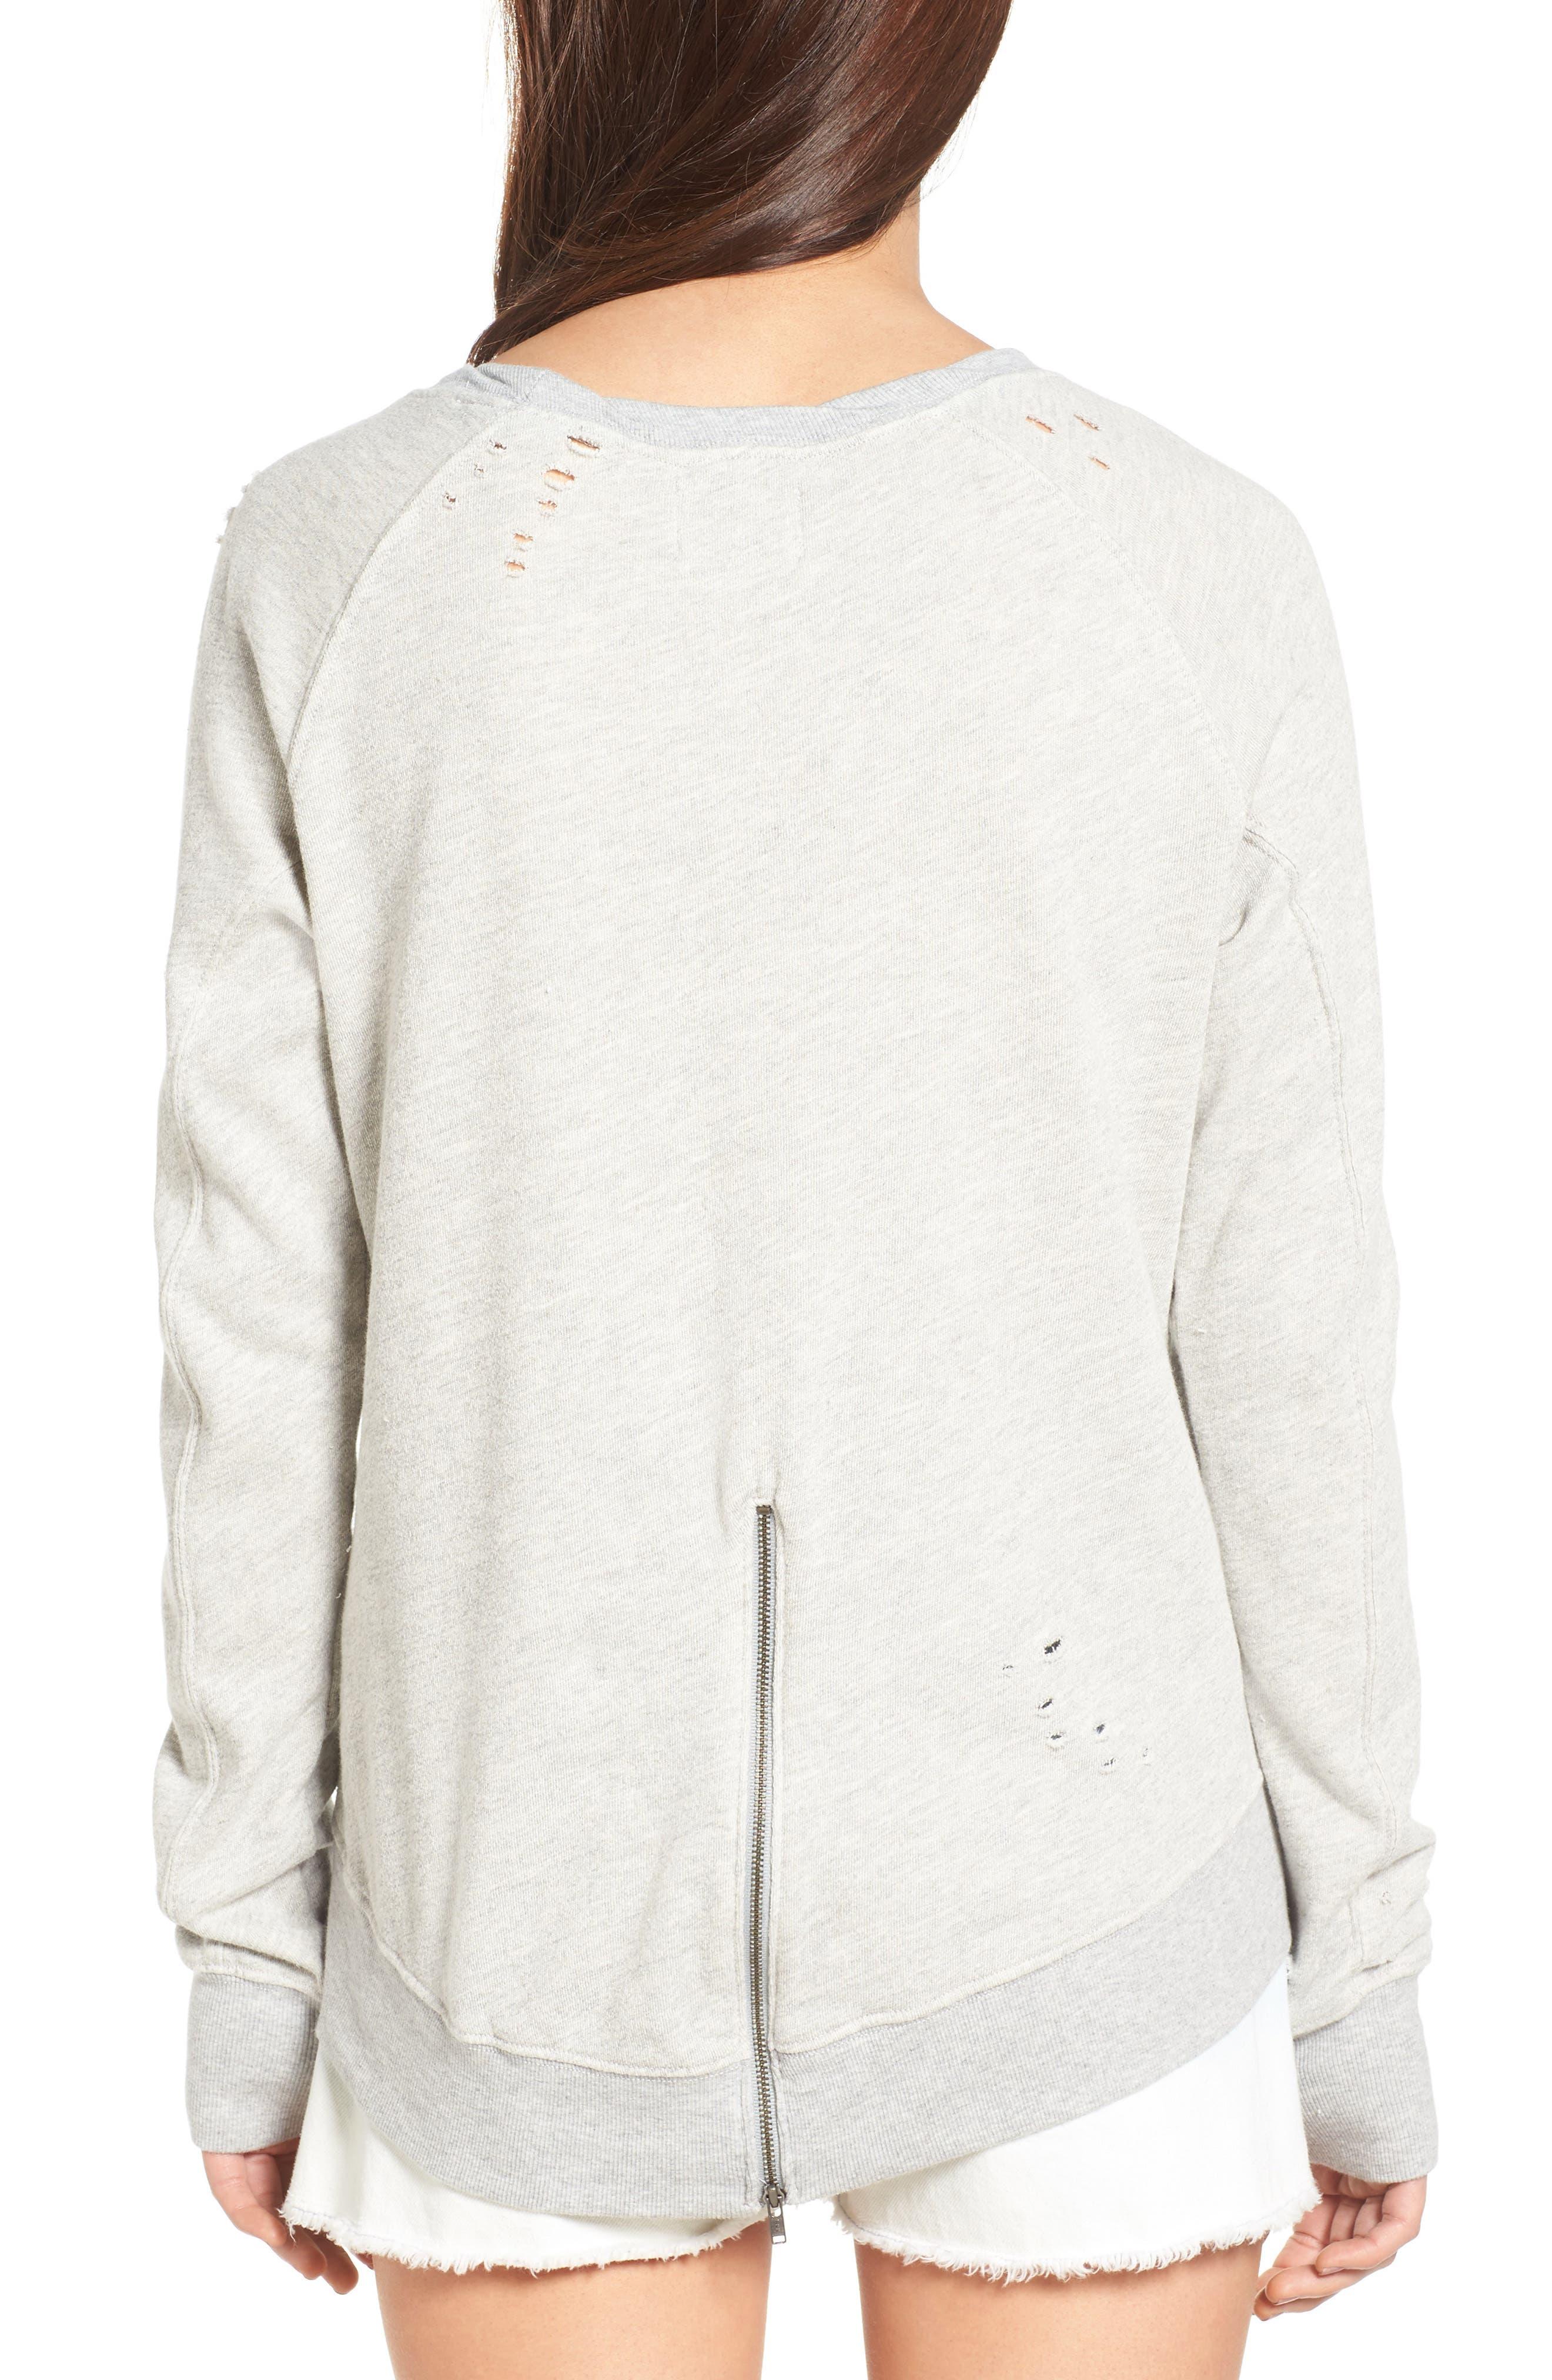 Alternate Image 2  - Pam & Gela 'Annie' Destroyed High/Low Sweatshirt